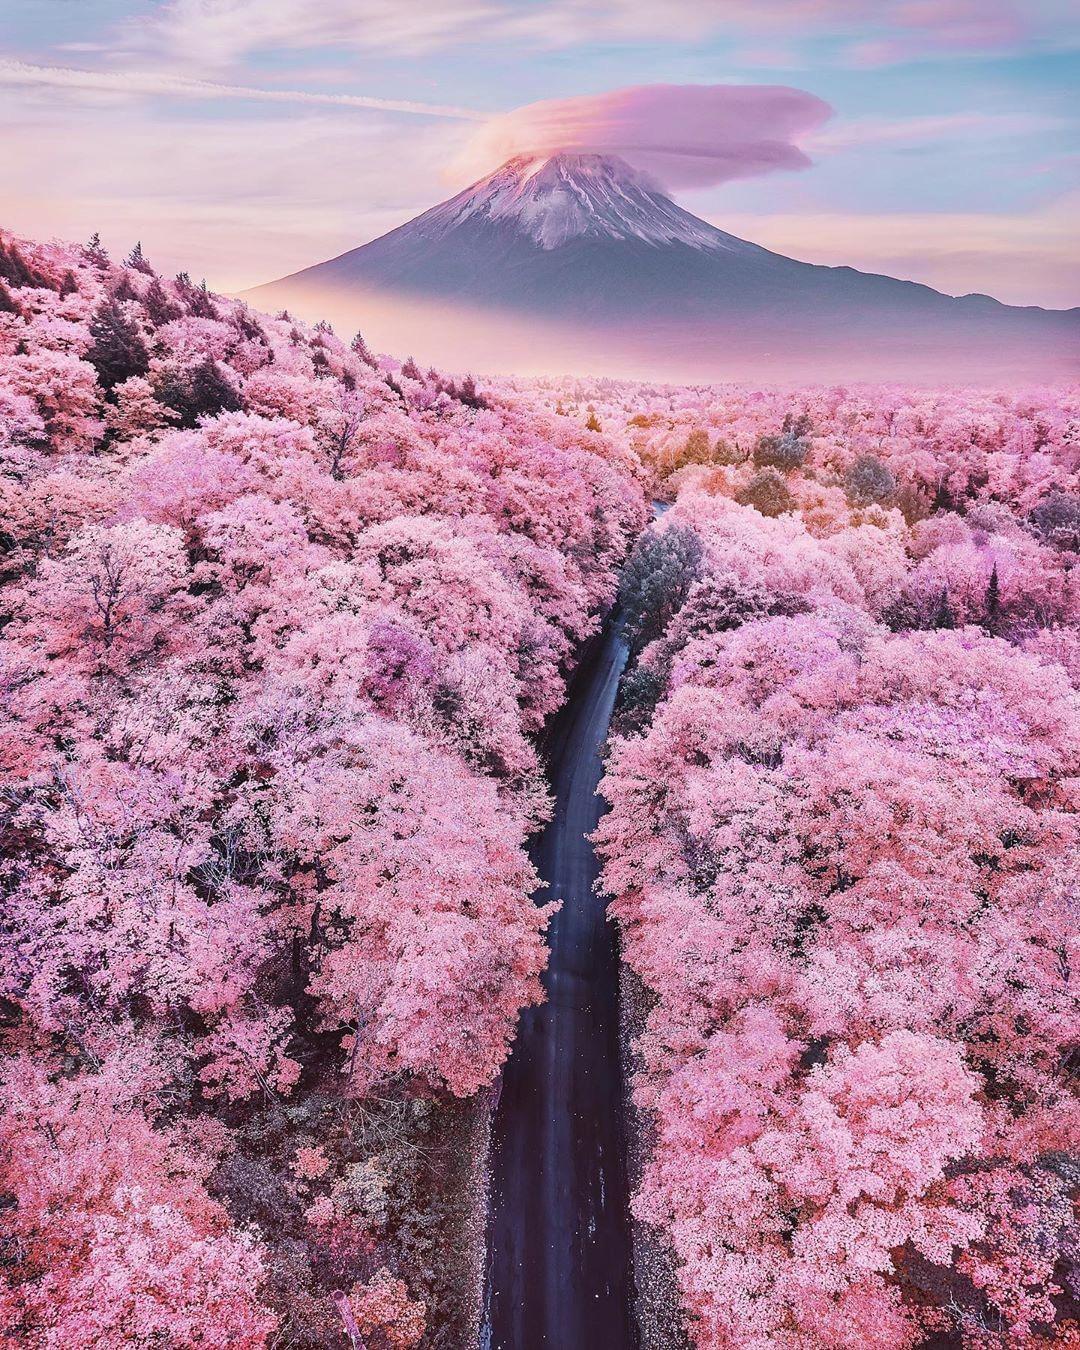 Du học Nhật Bản, Du học Nhật Bản bạn cần biết gì và những kiến thức cần có